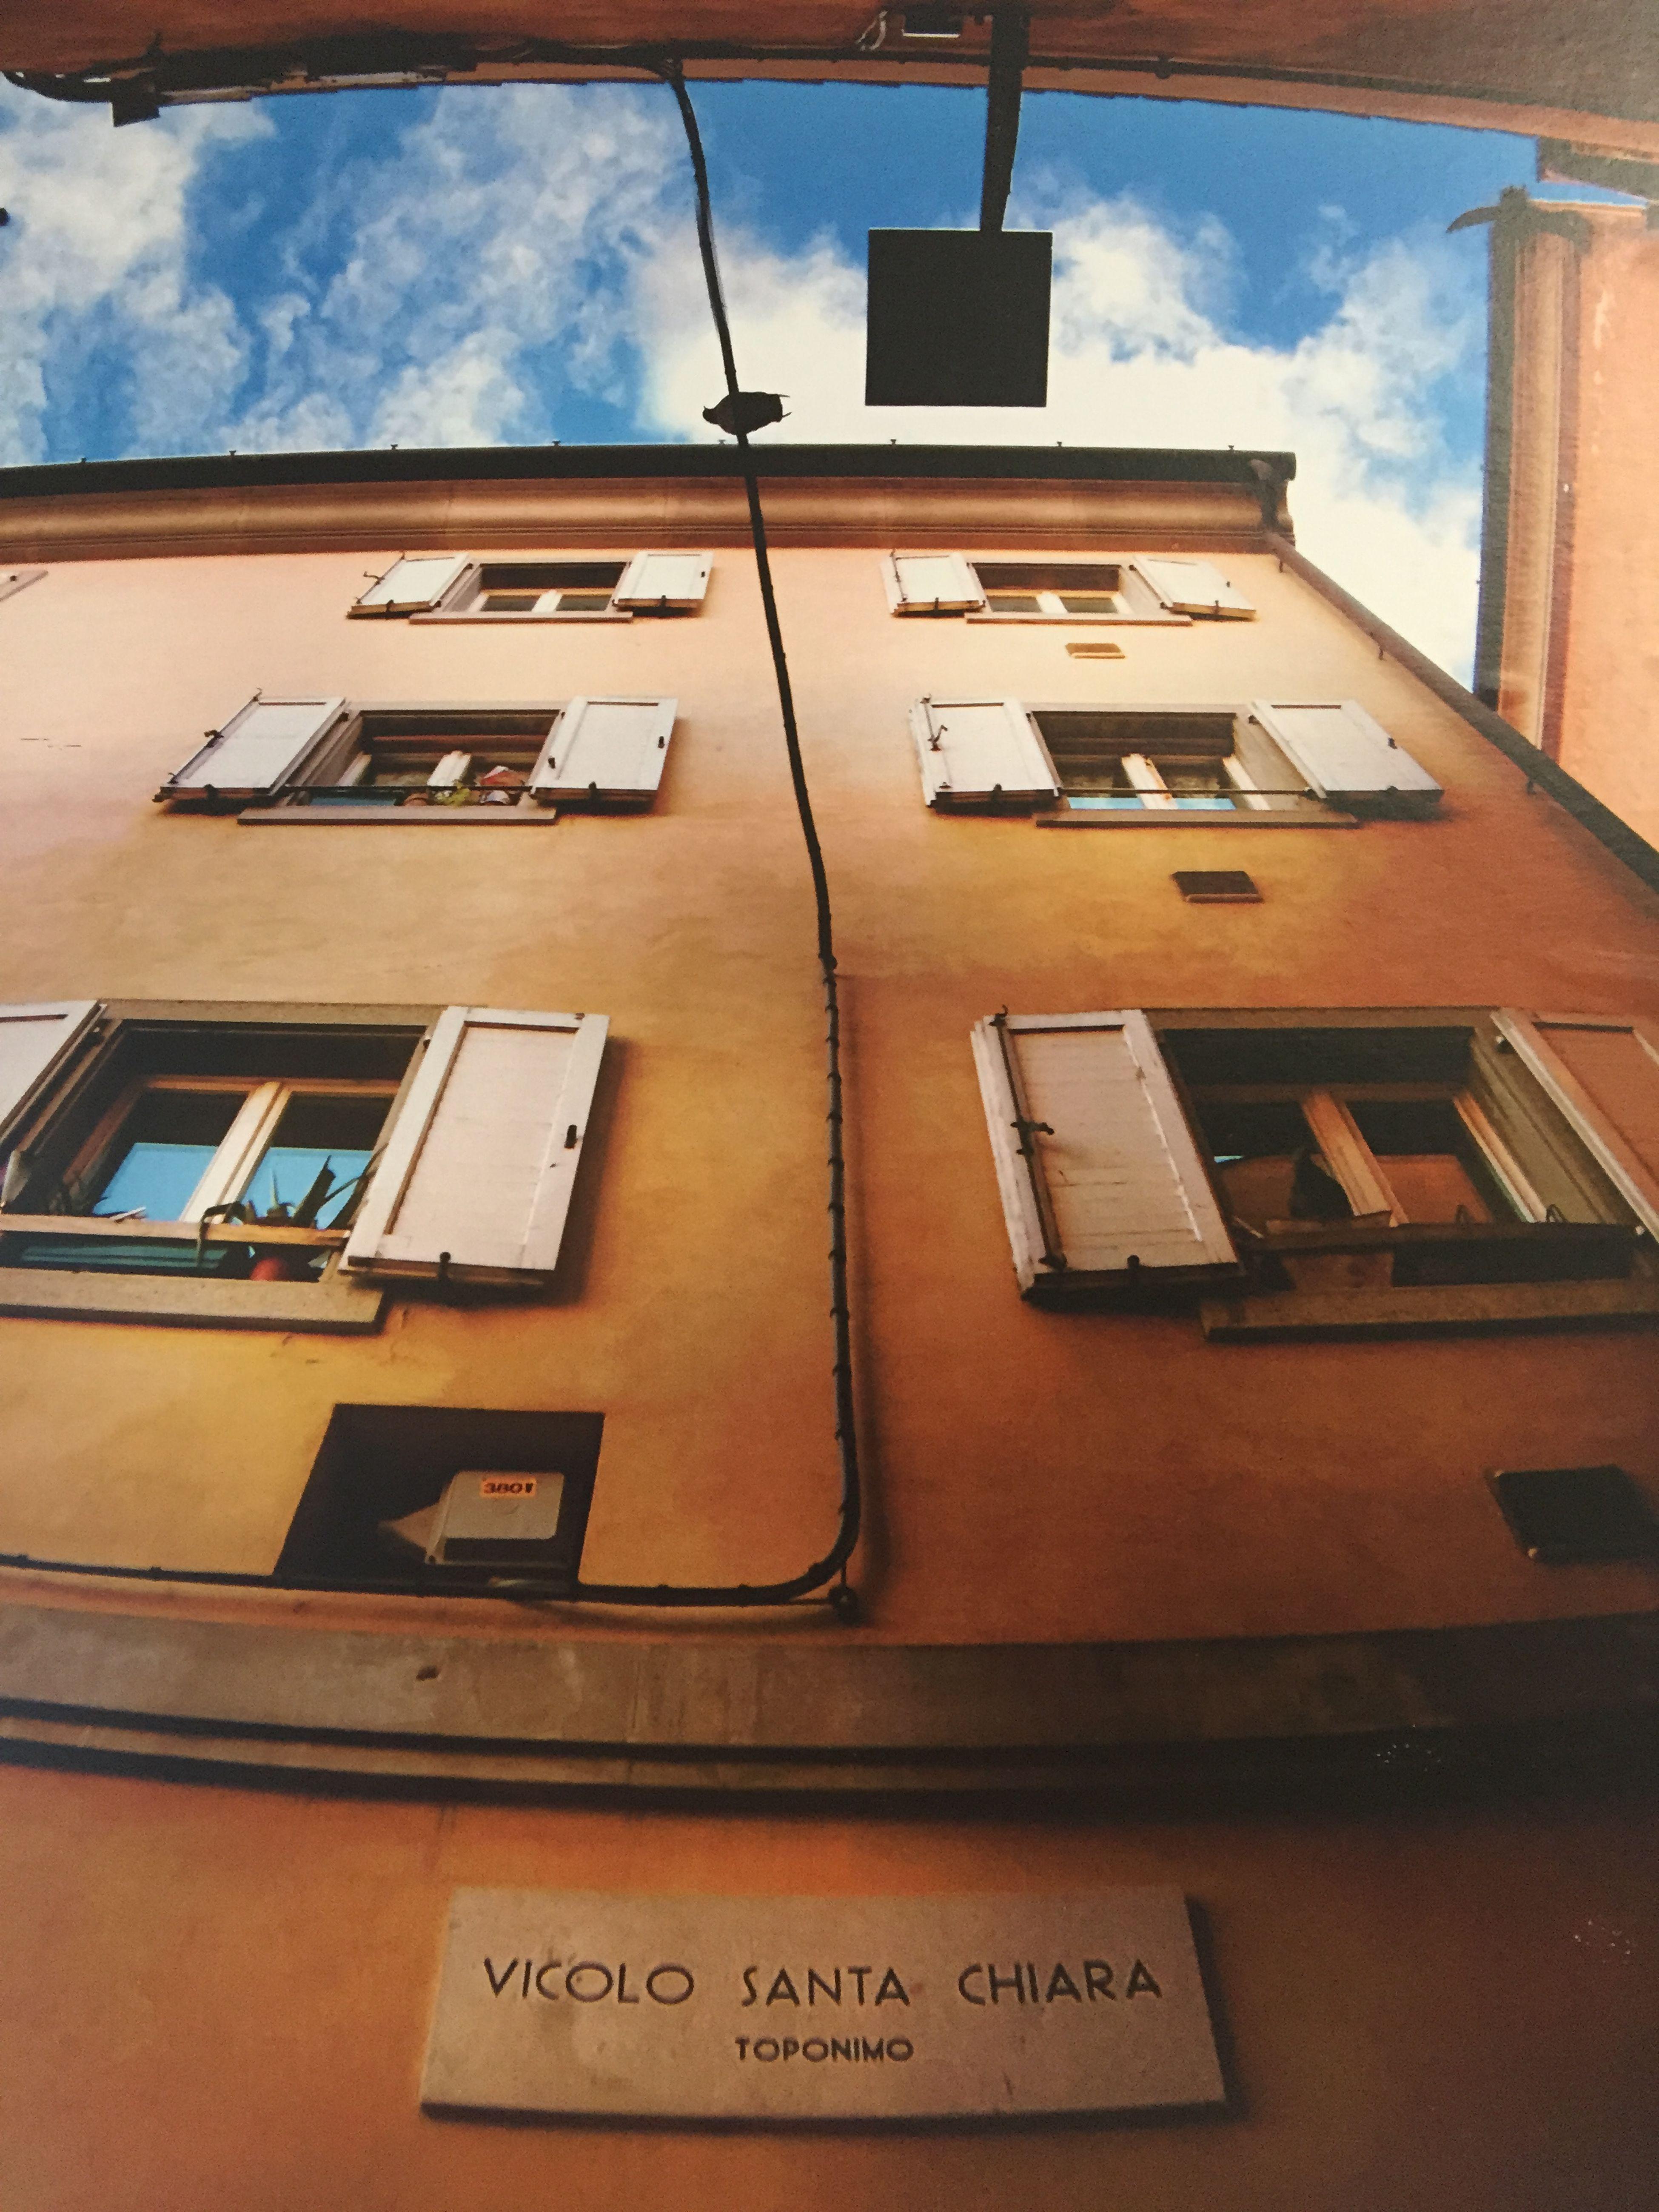 Toponomasticafemminile in mostra al Centro civico di Opicina grazie a Fotografaredonna Comune Di Trieste